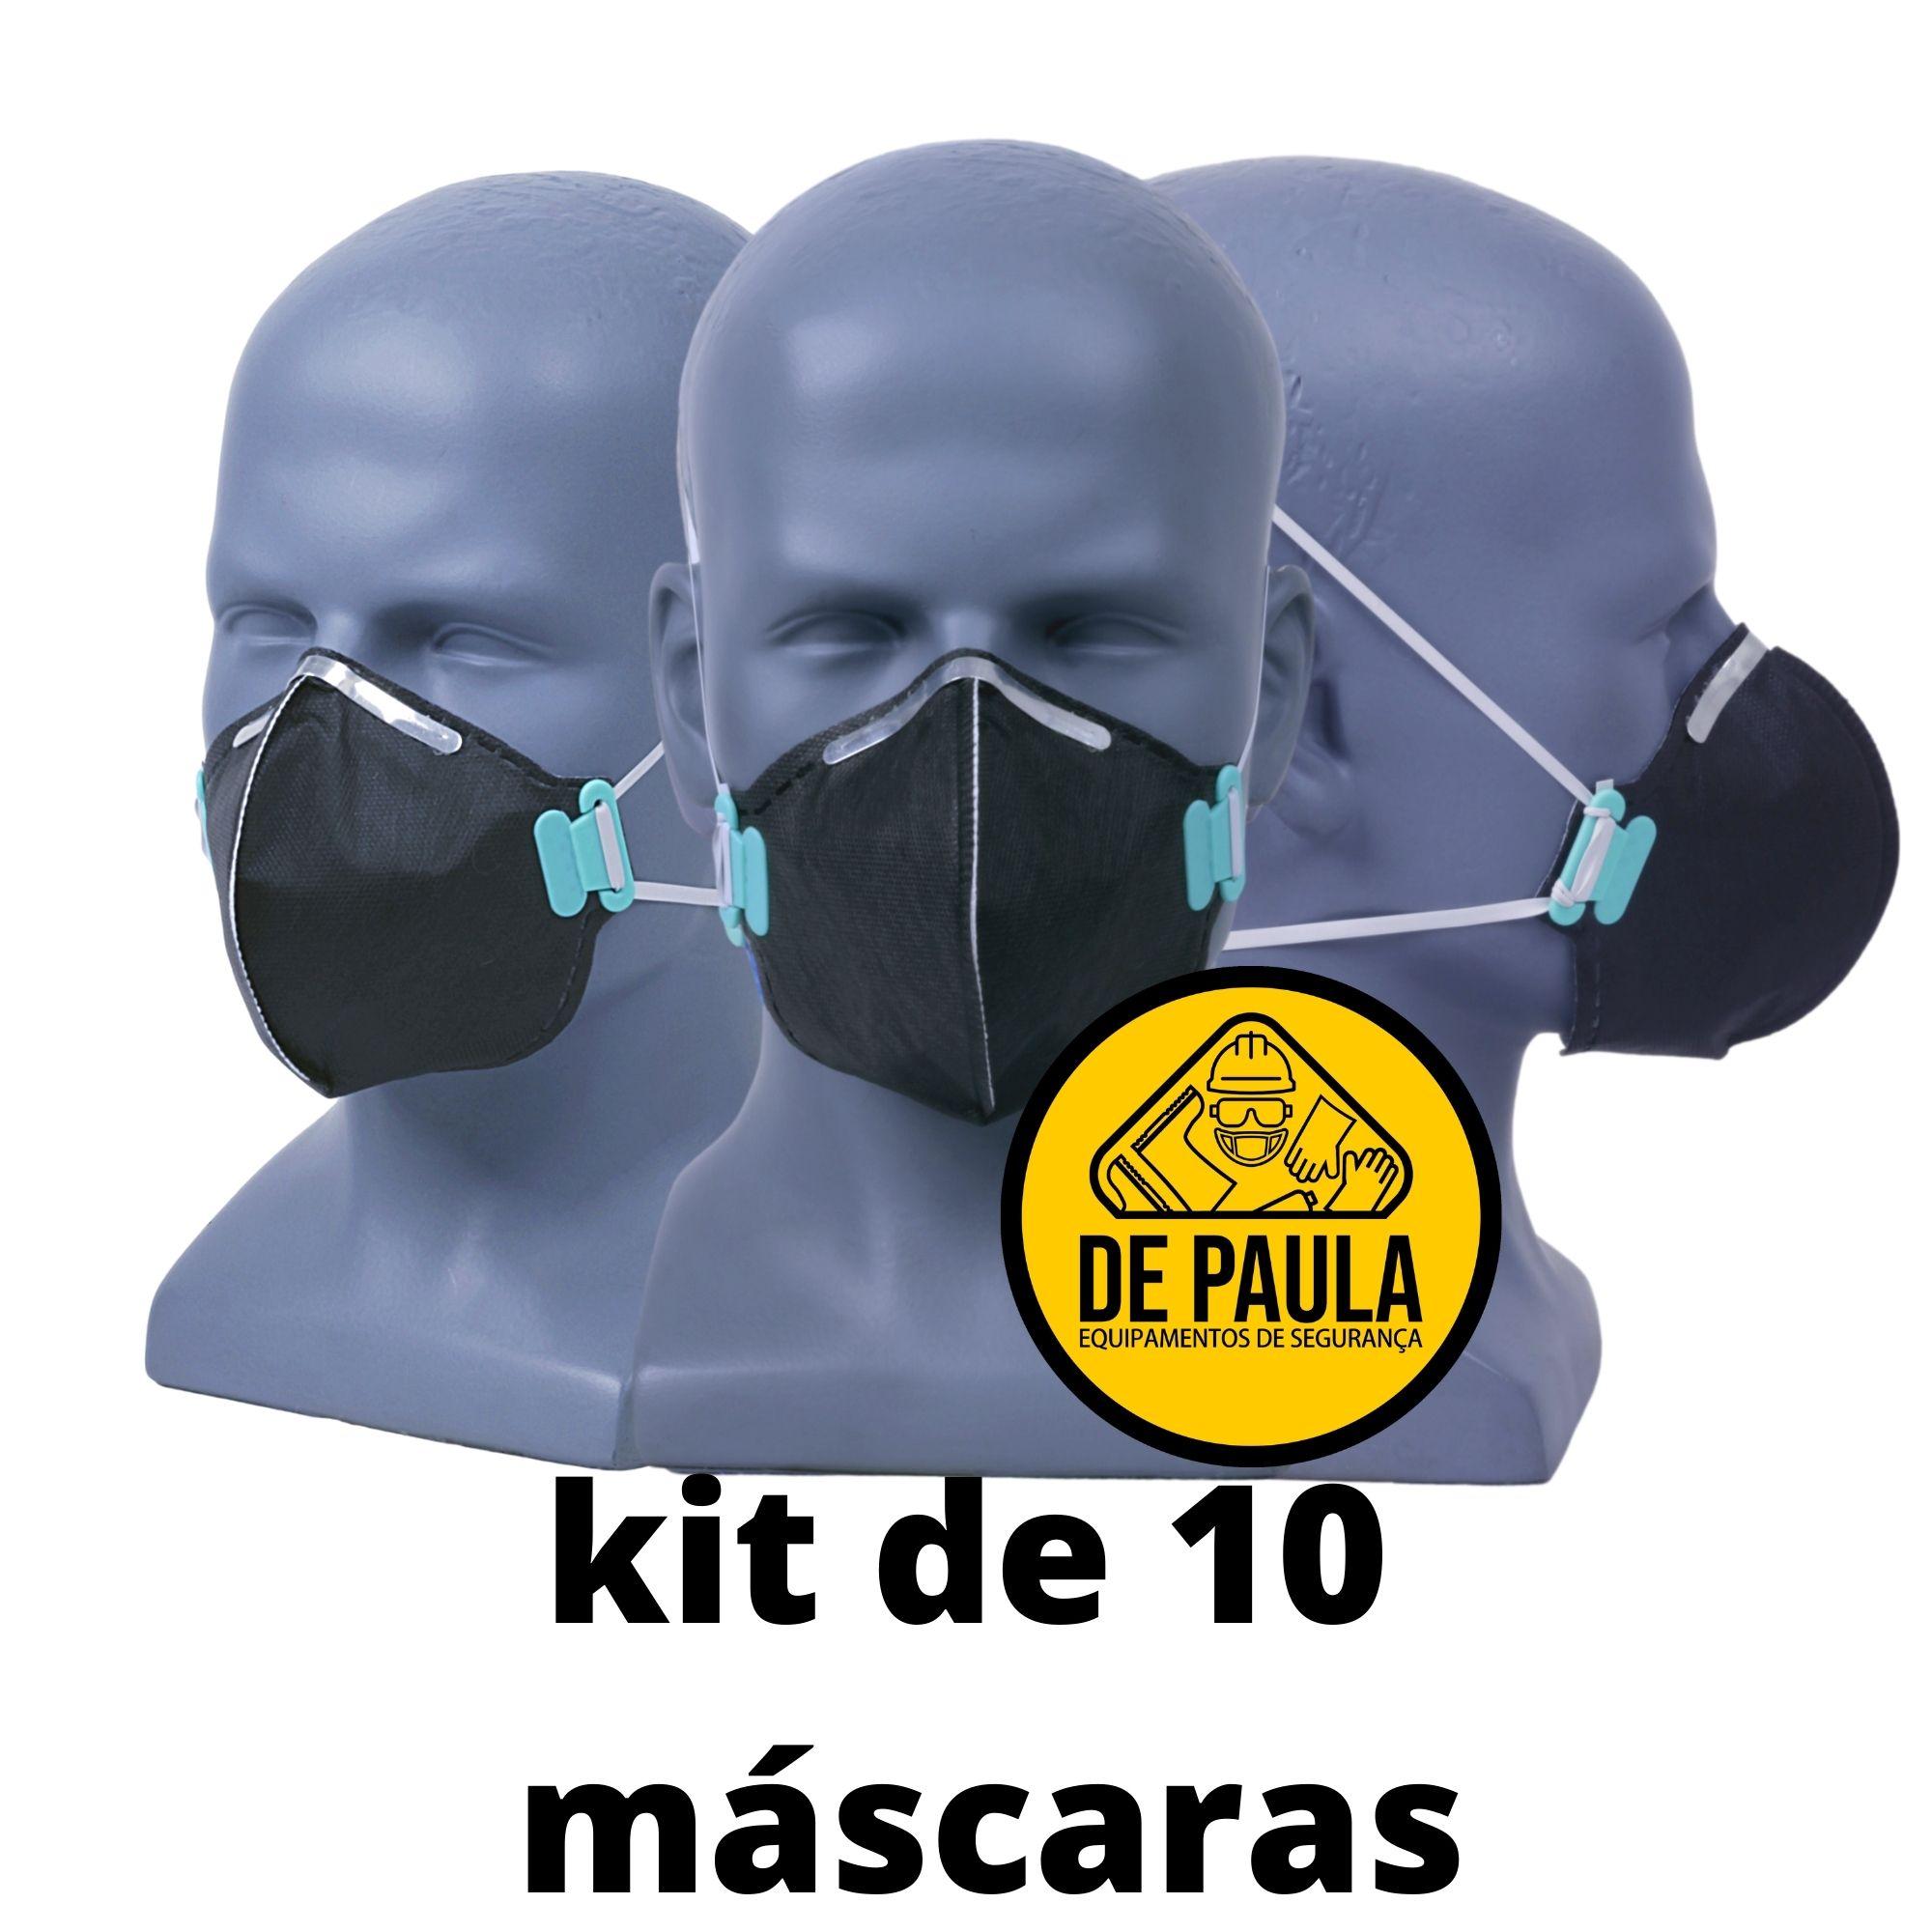 KIT DE 10 UN RESPIRADOR DESCARTÁVEL PFF2 ODOR ORGANICO CARVÃO ATIVADO - PRETA LUBEKA  - DE PAULA EPI